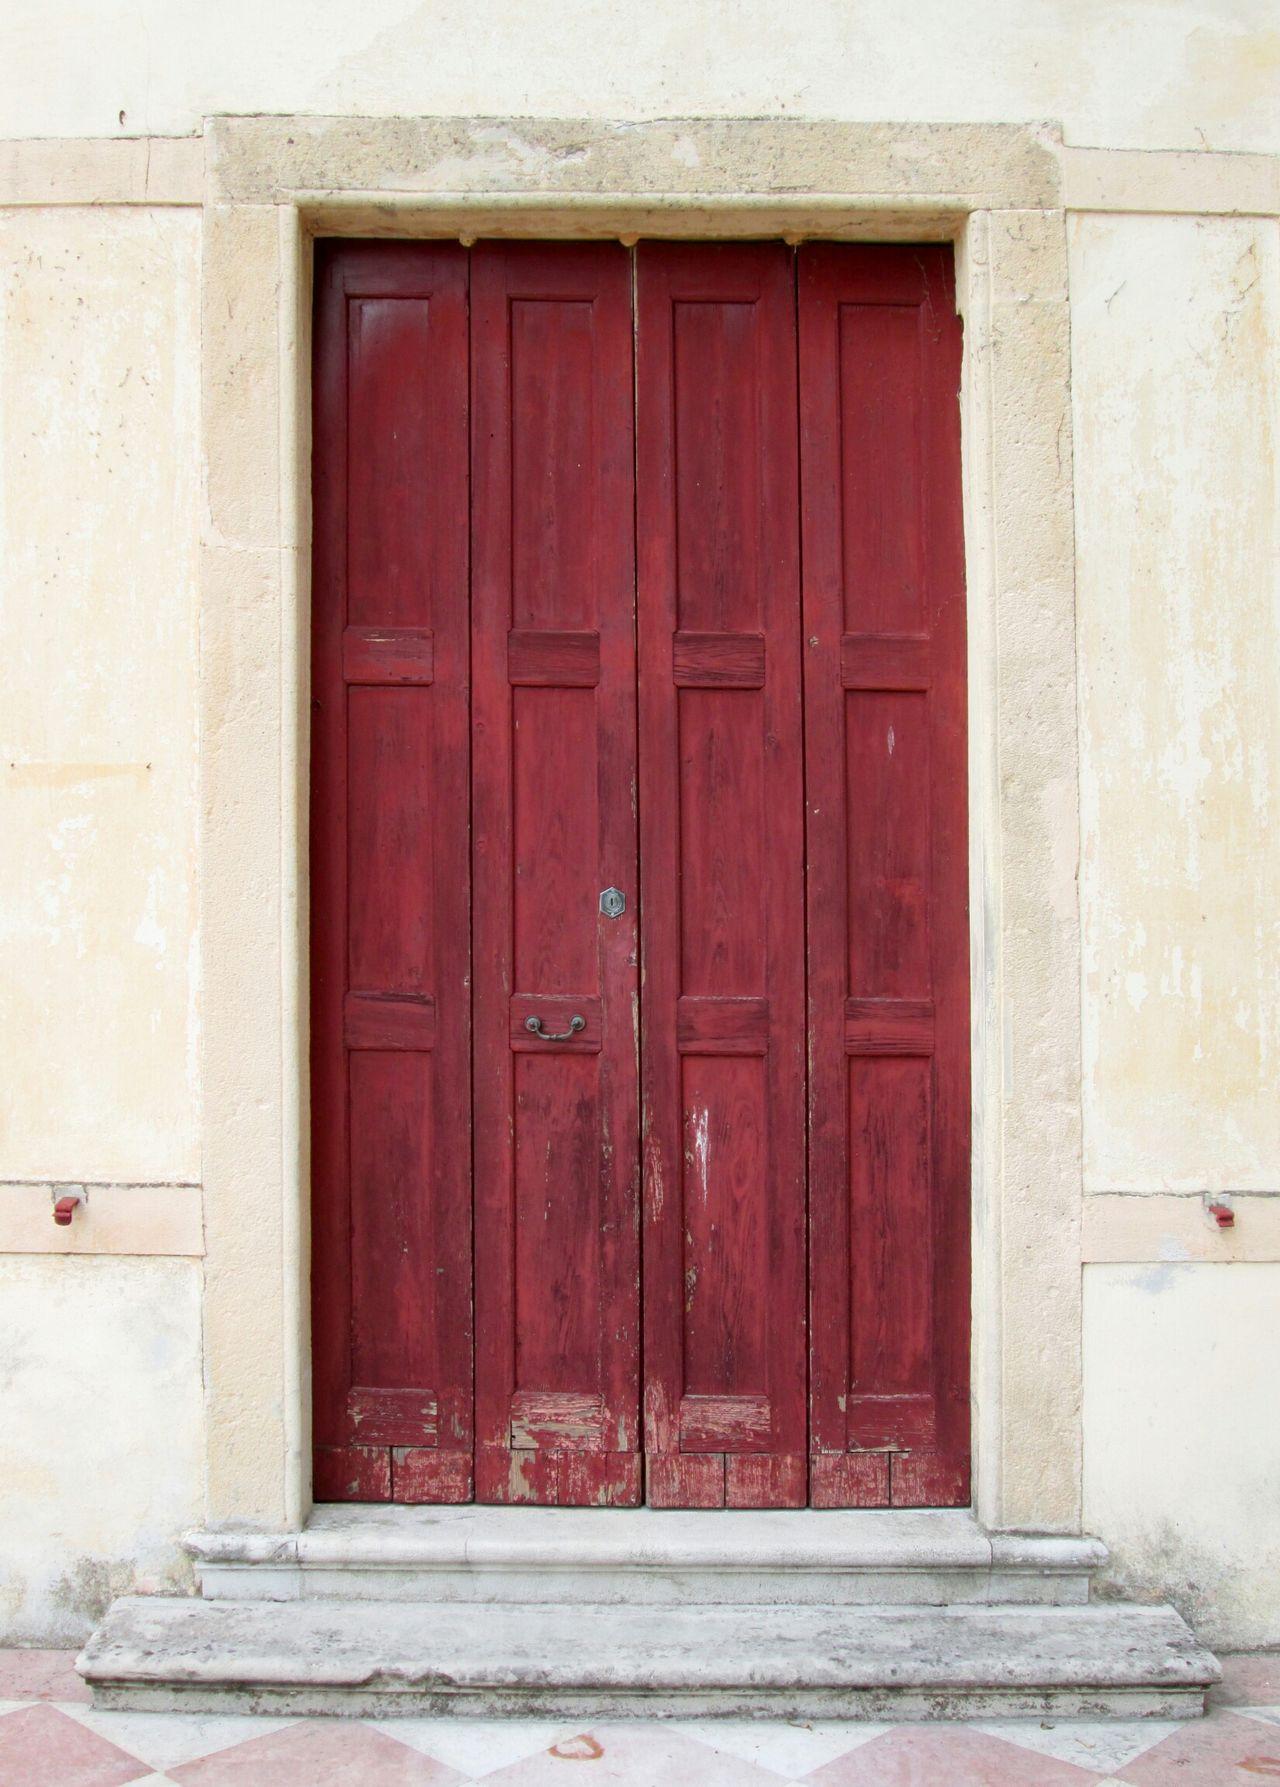 Old Door Wooden Door Red Door Weathered Door Concrete Wall Architectural Detail Rectangle Shape Yellow Beige Cream Scratched Door Closeupshot